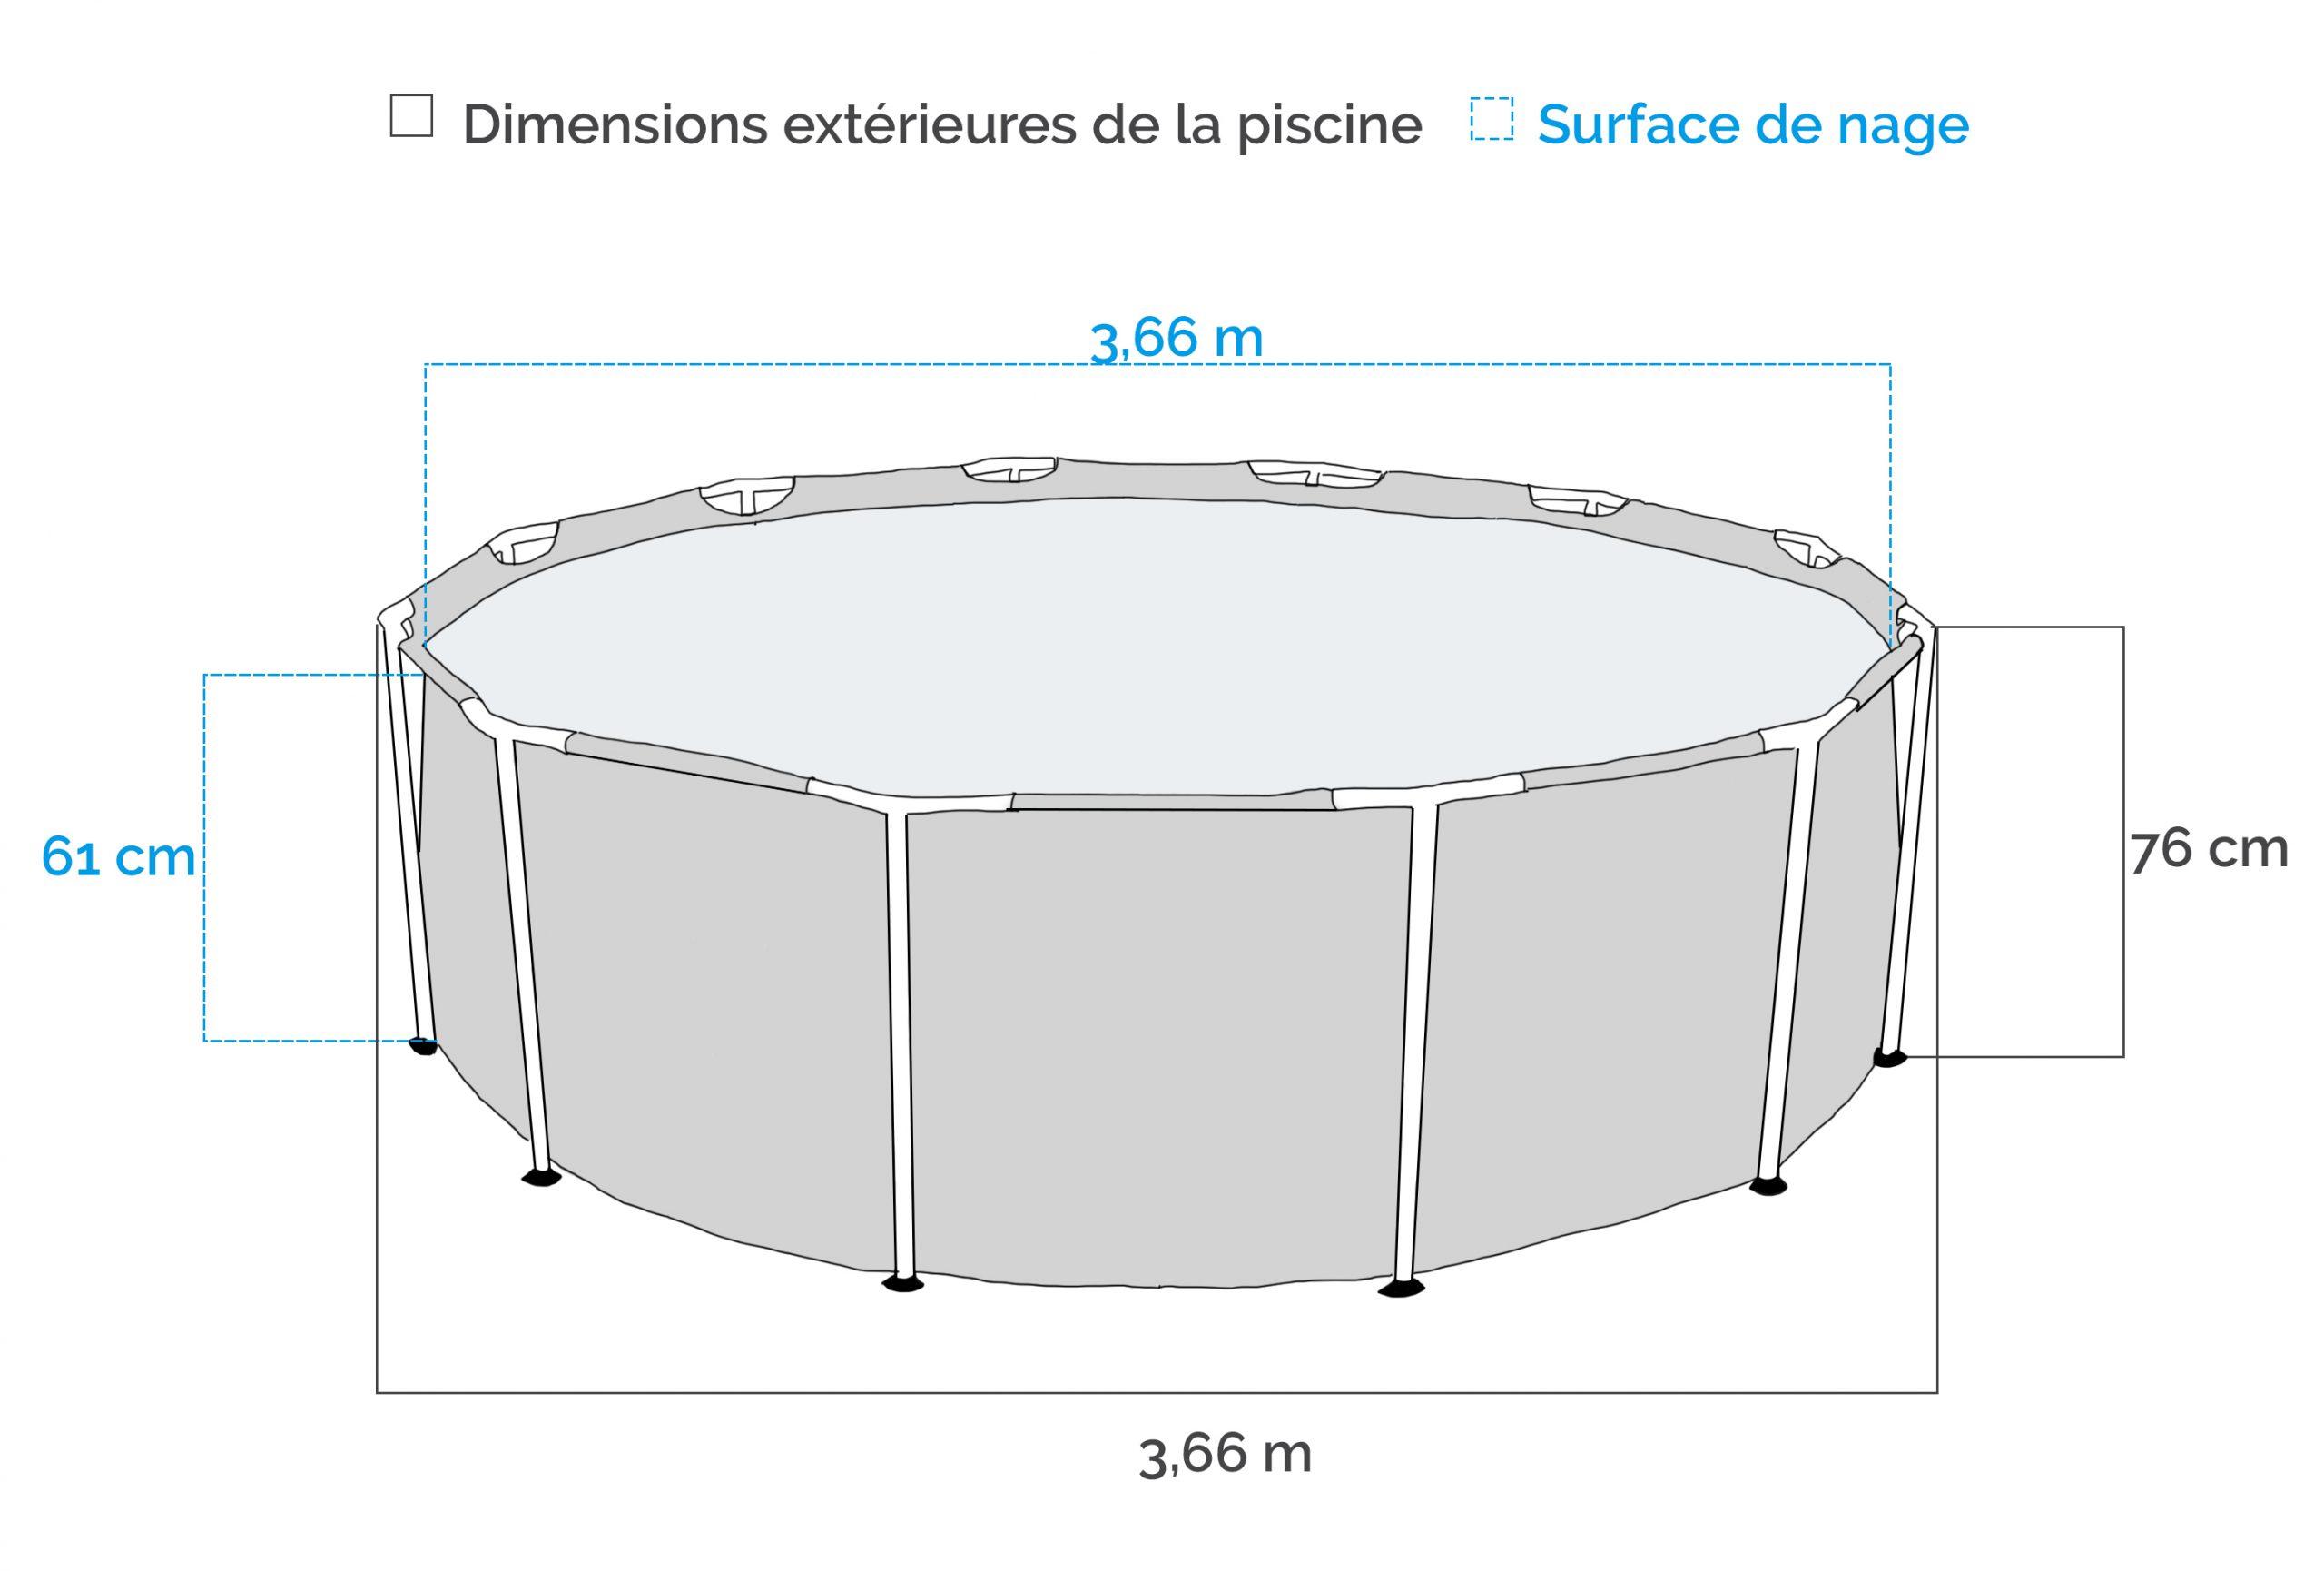 Piscine Tubulaire Intex Metal Frame 3.66 X 0.76M Avec Épurateur dedans Bache Piscine Tubulaire 3.66